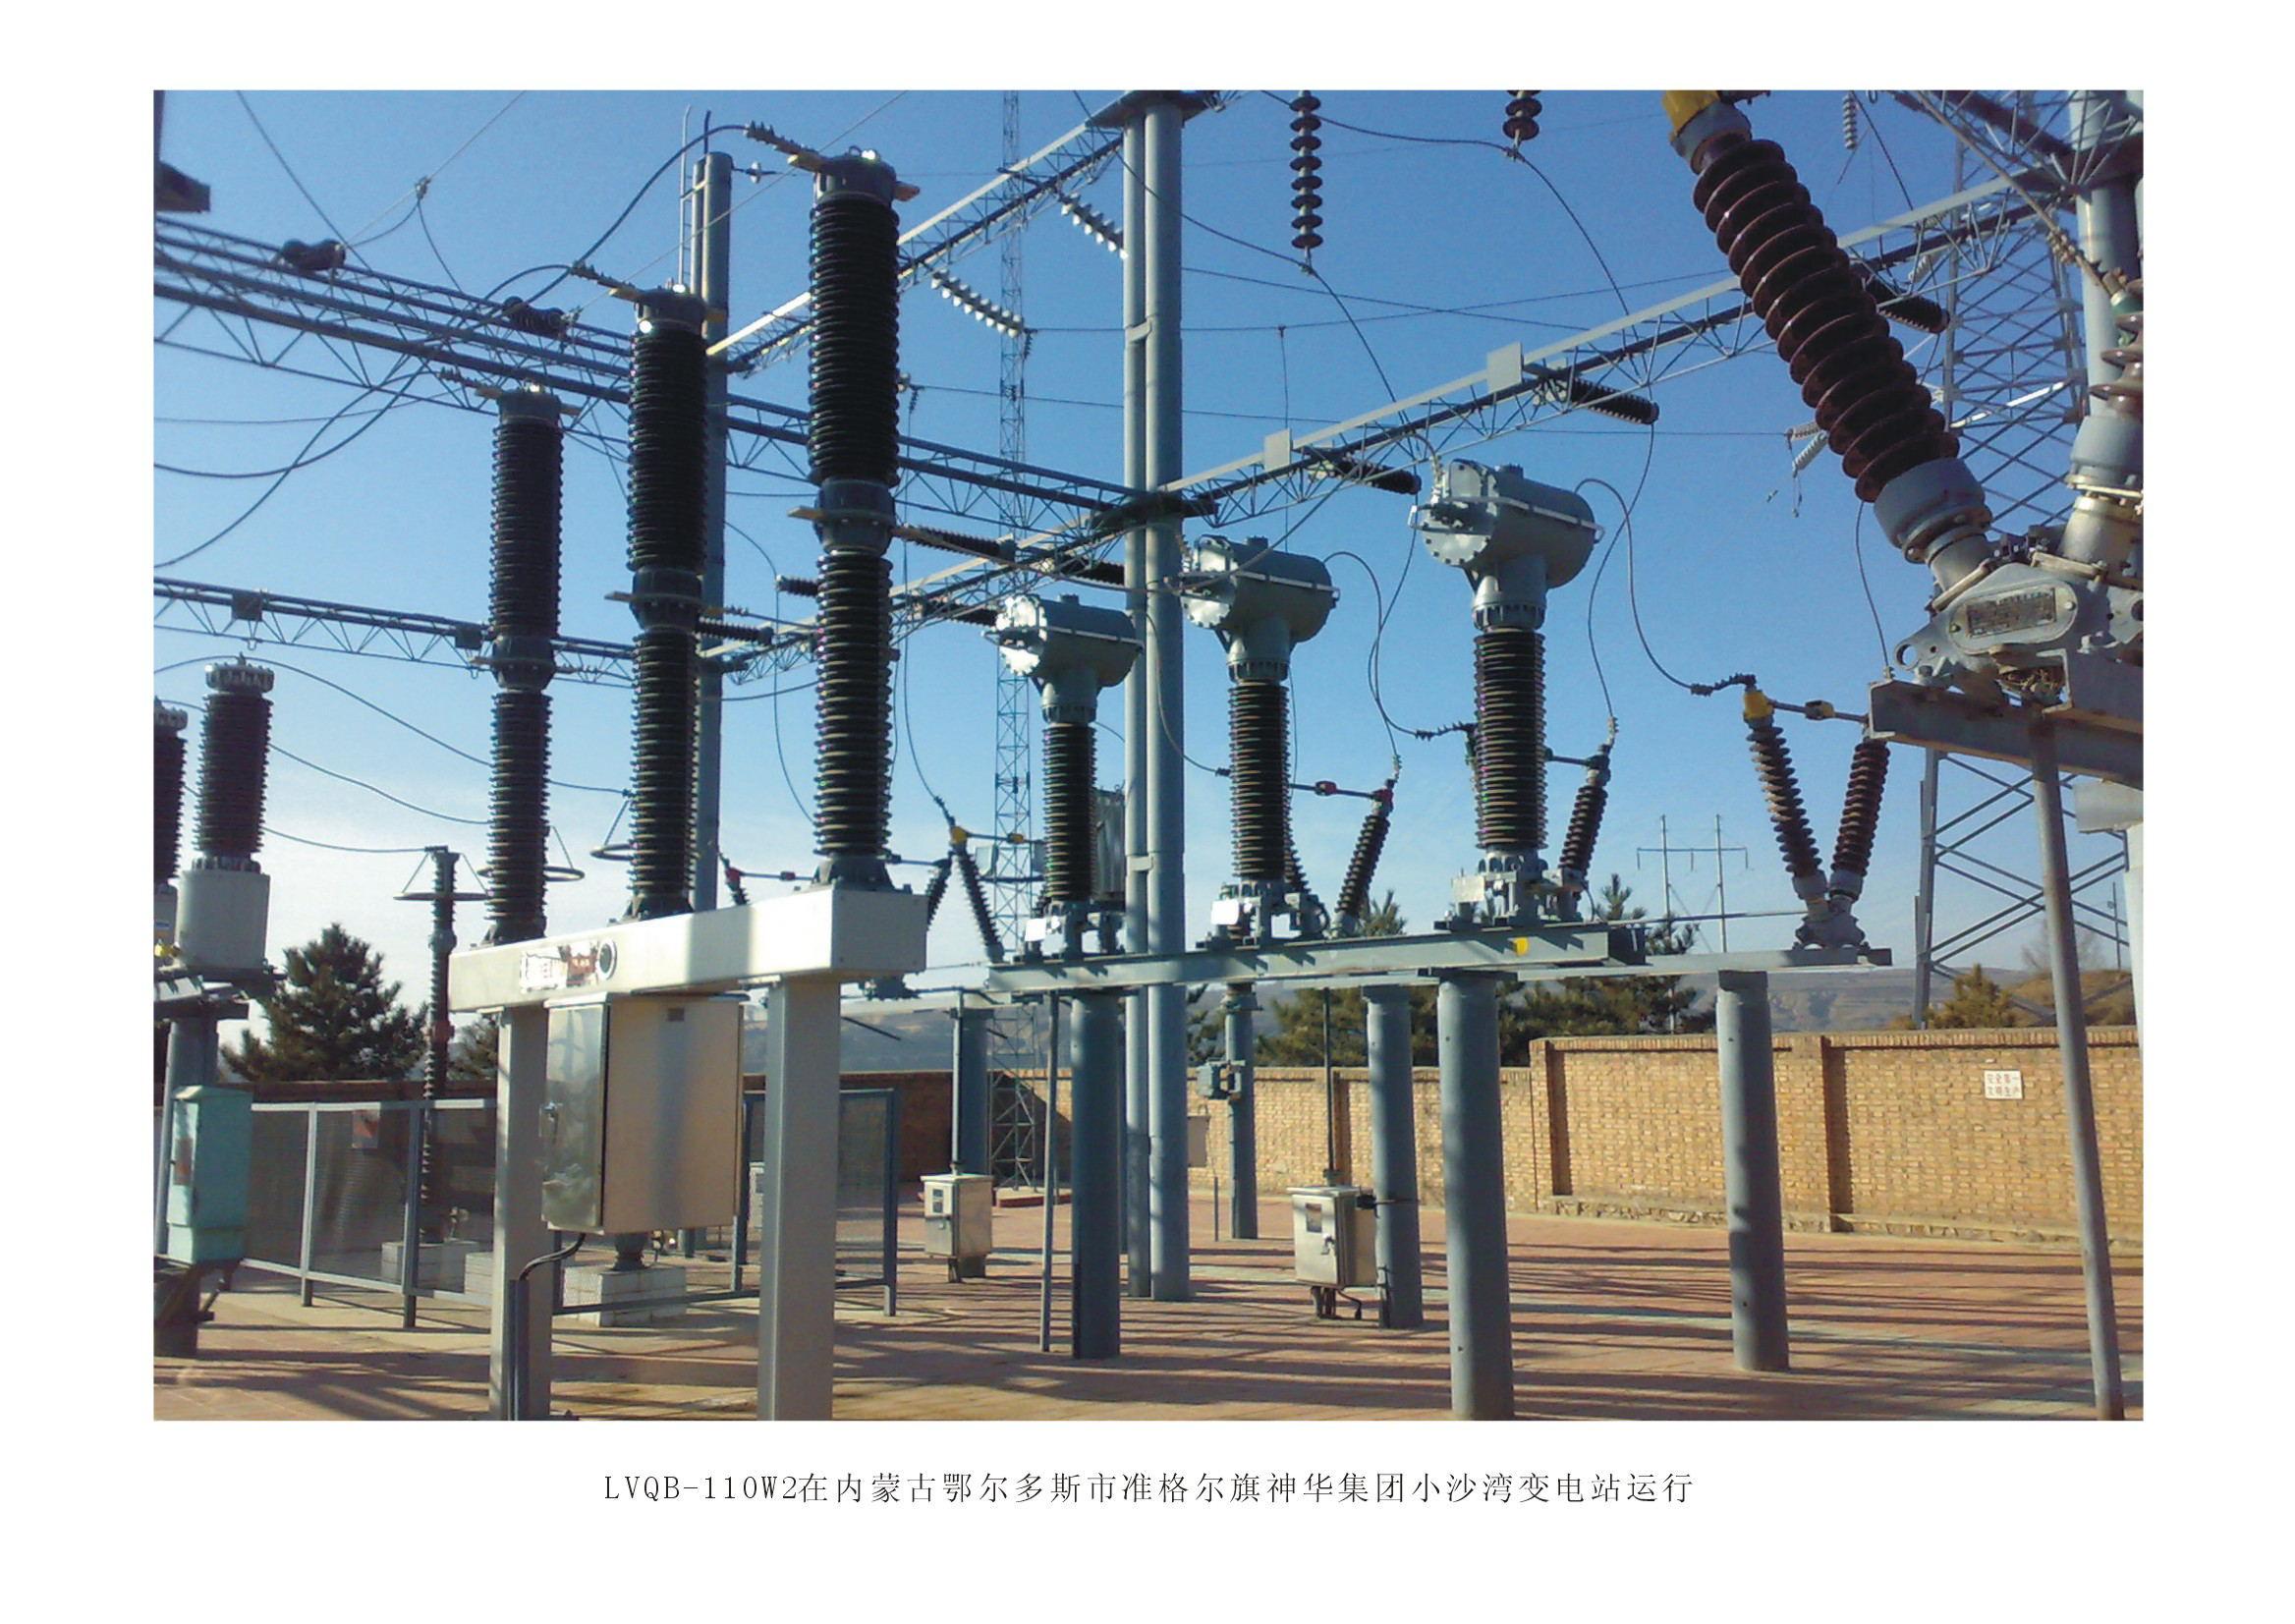 58LVQB-110W2在内蒙古鄂尔多斯市准格尔旗神华集团小沙湾变电站运行